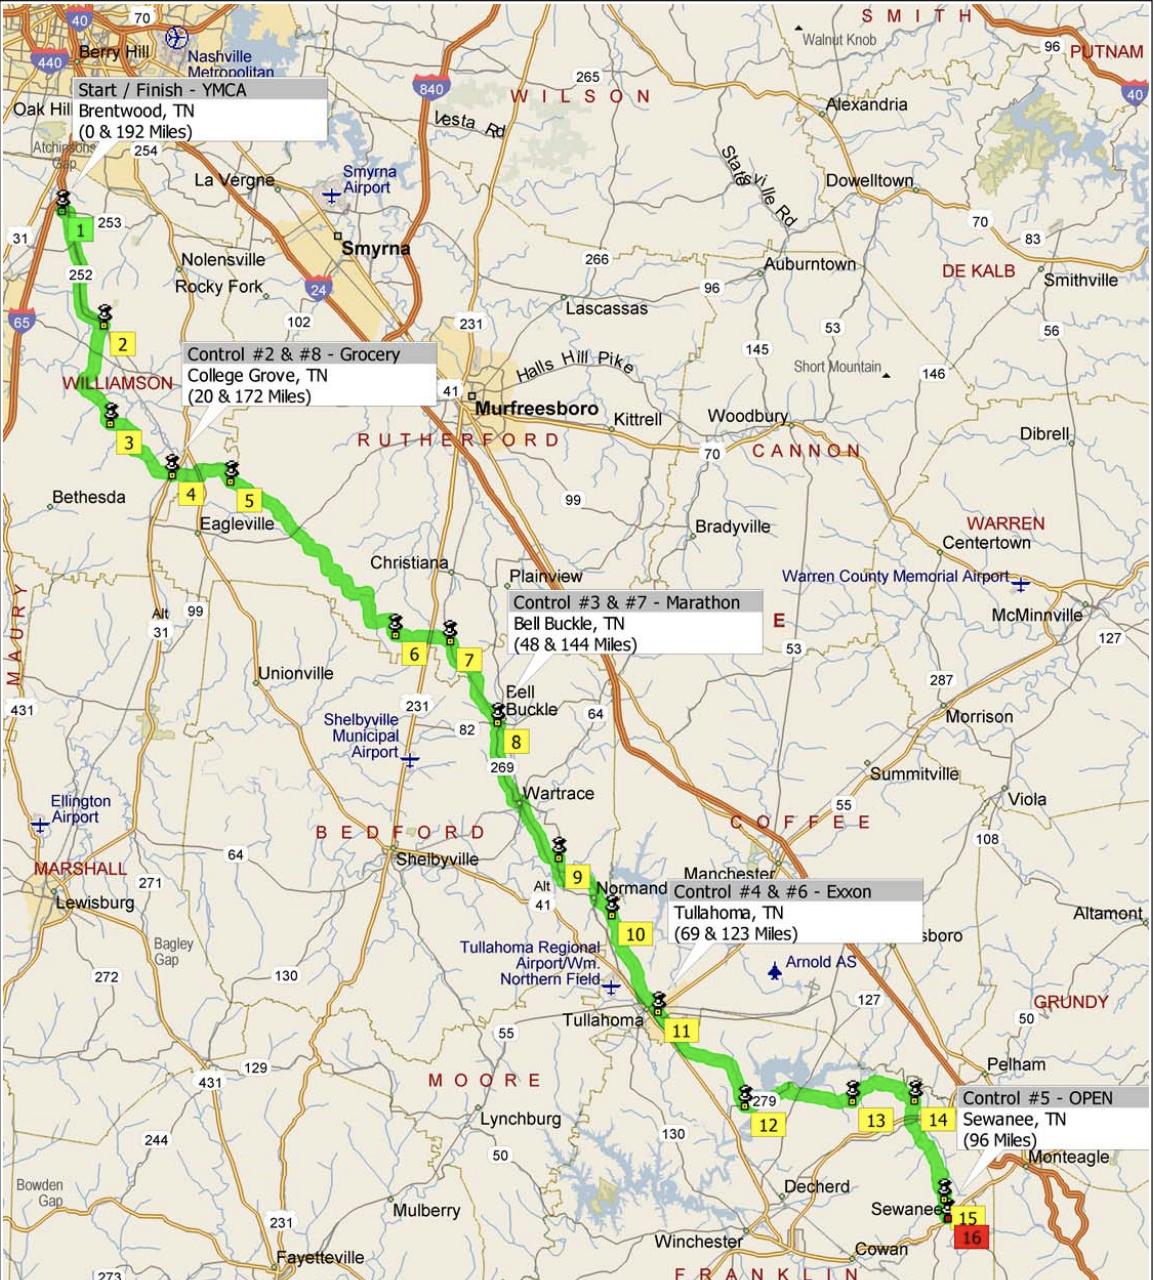 George Dickel 200K & Sewanee 300K - March 16, 2019100k: Ride With GPS Route200k: Ride With GPS Route200k: PDF Route300k: Ride With GPS Route300k: PDF Route